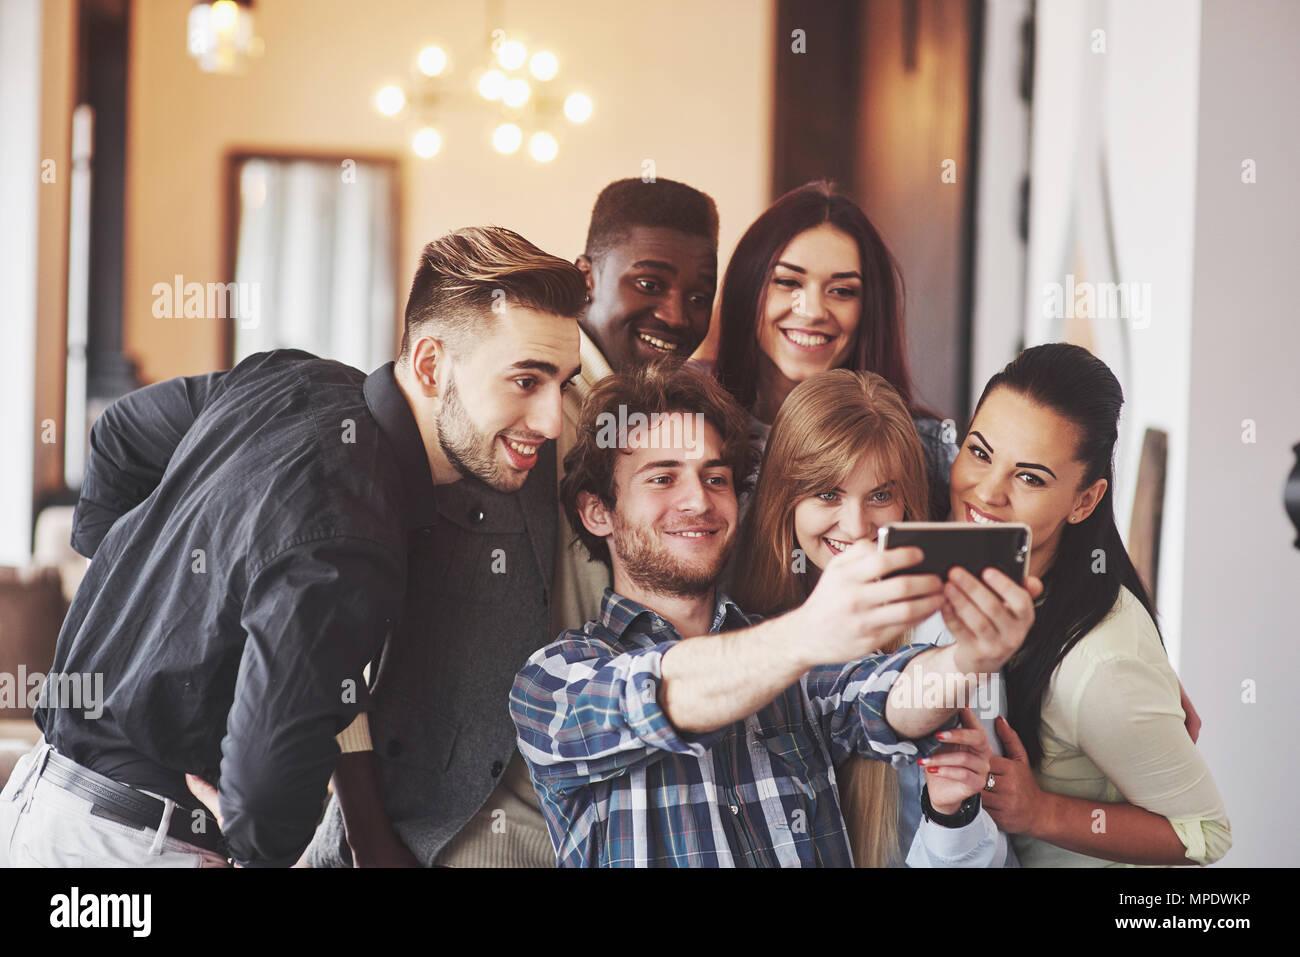 Población multirracial divirtiéndose en el cafe tomando un selfie con teléfono móvil. Grupo de jóvenes amigos sentado en el restaurante tomando autorretrato con teléfonos inteligentes. Imagen De Stock